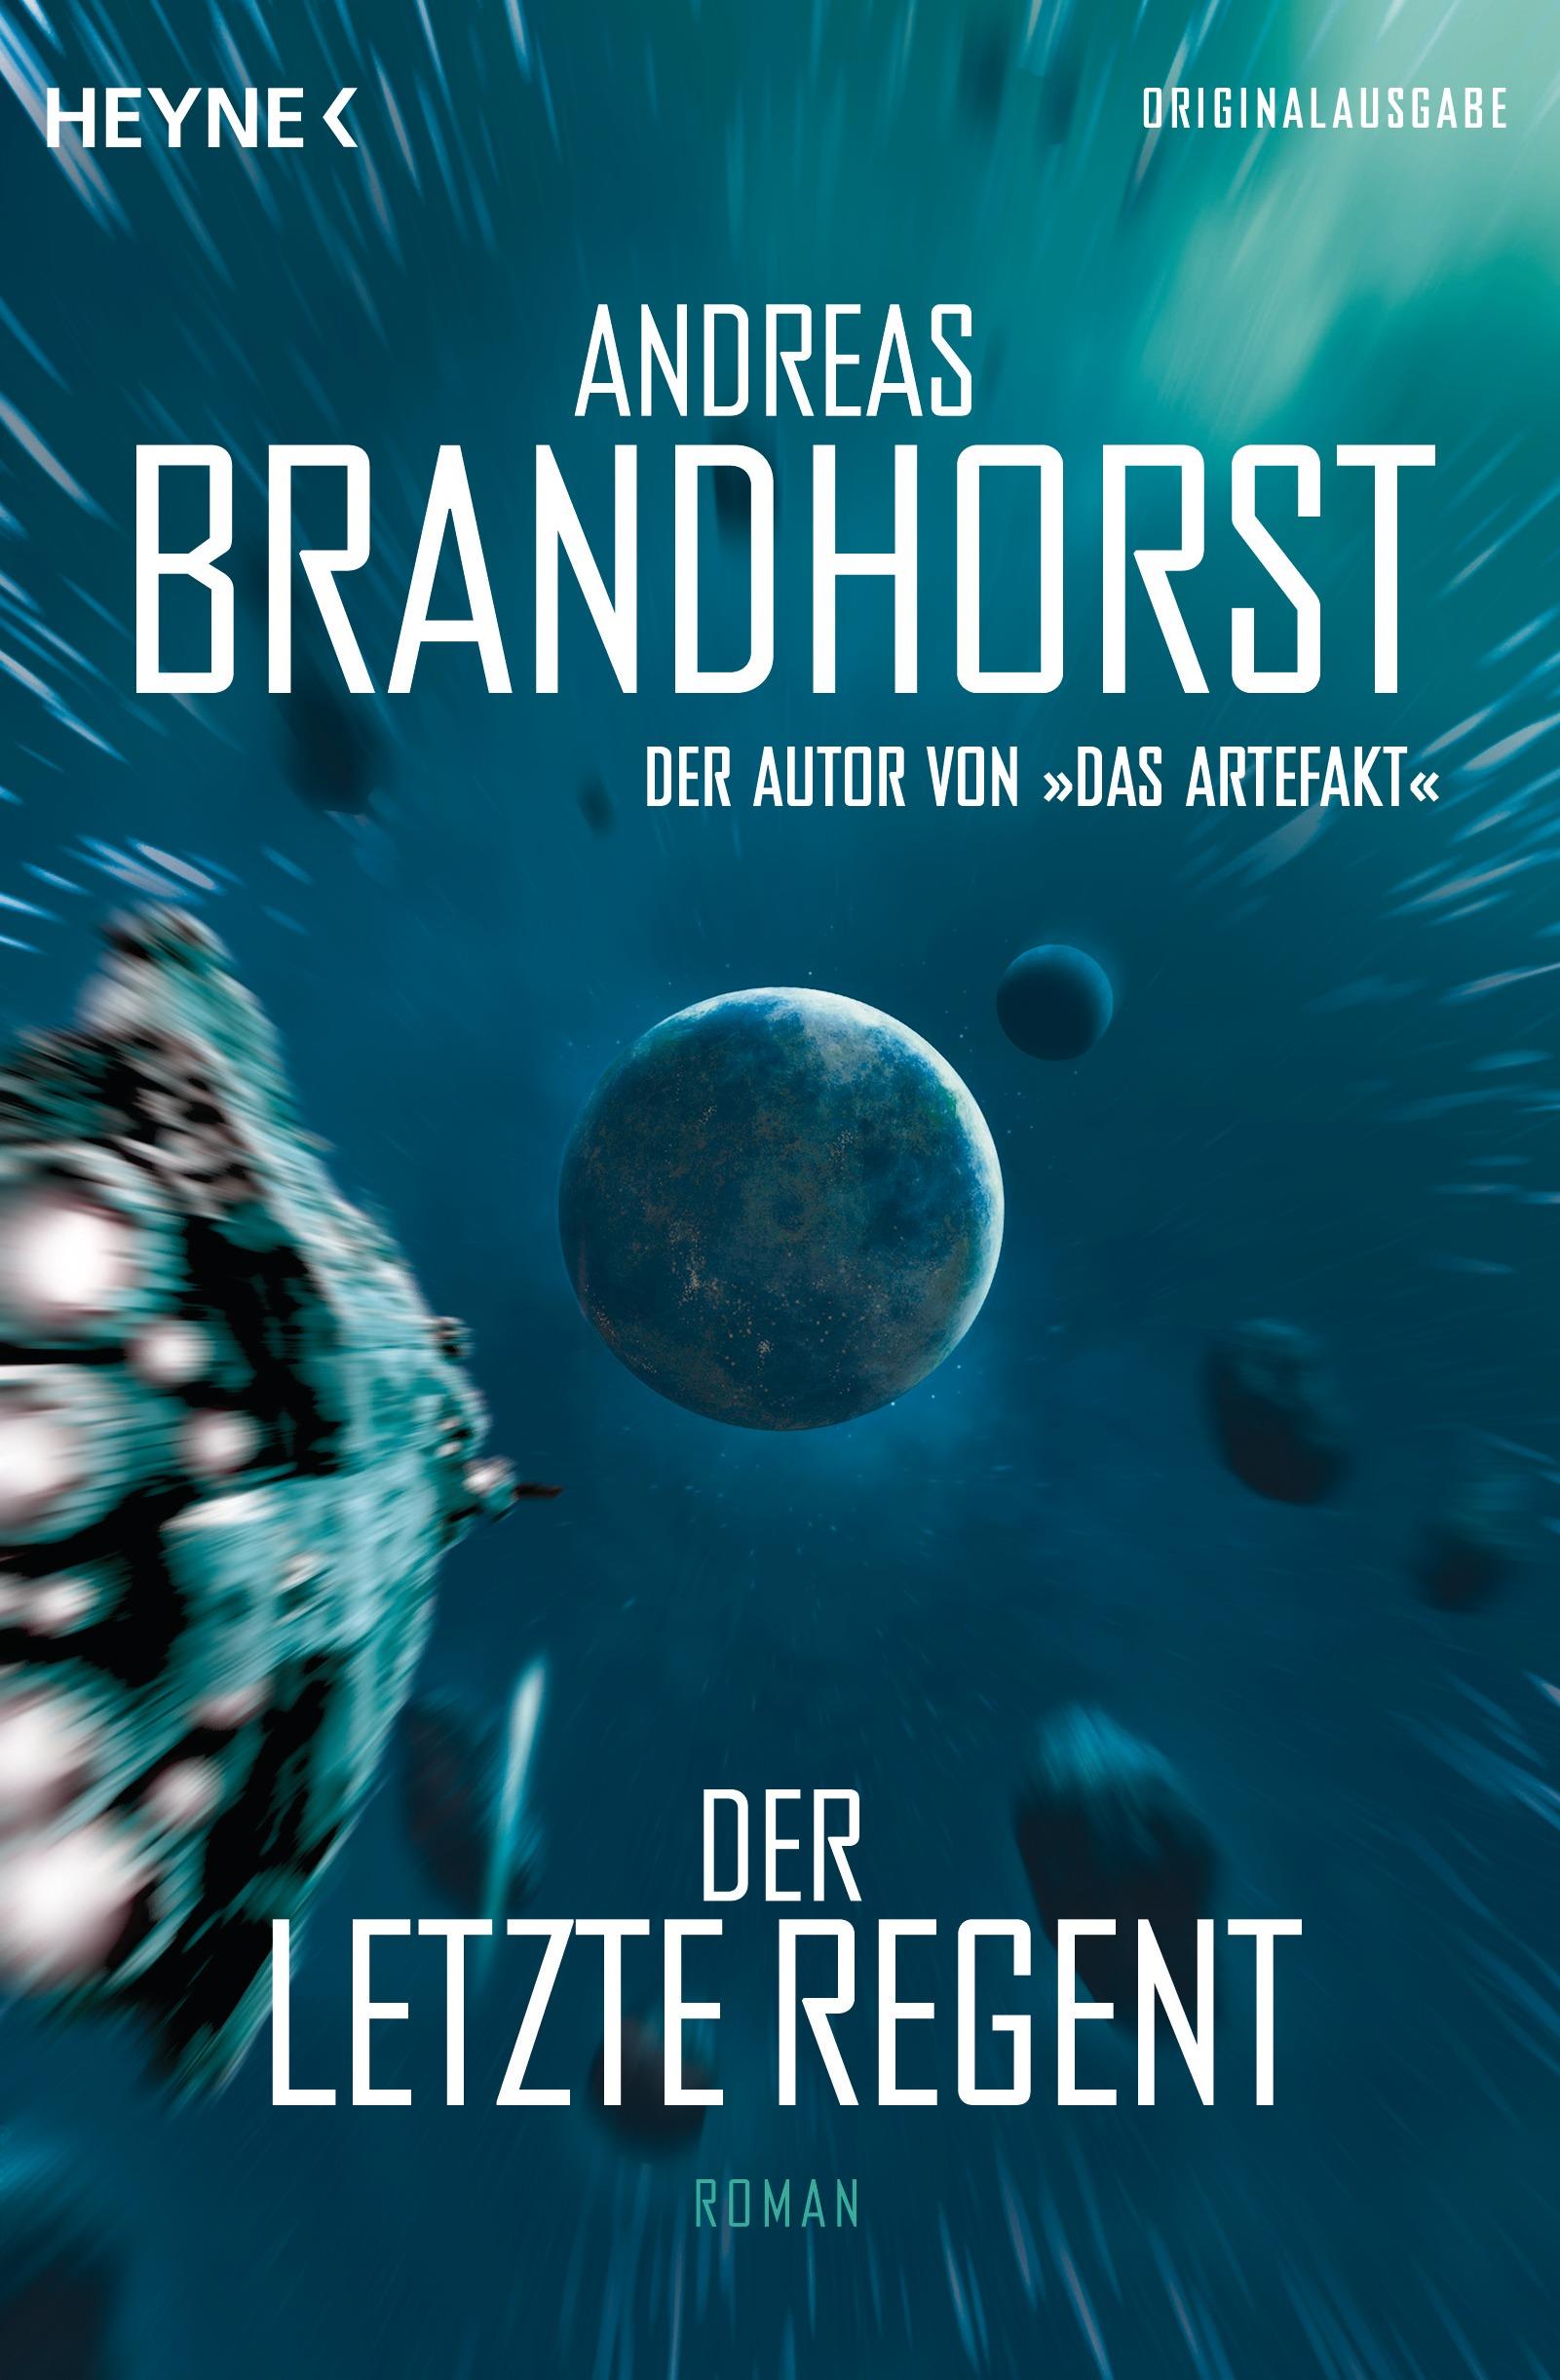 Andreas Brandhorst – Der letzte Regent (Buch)